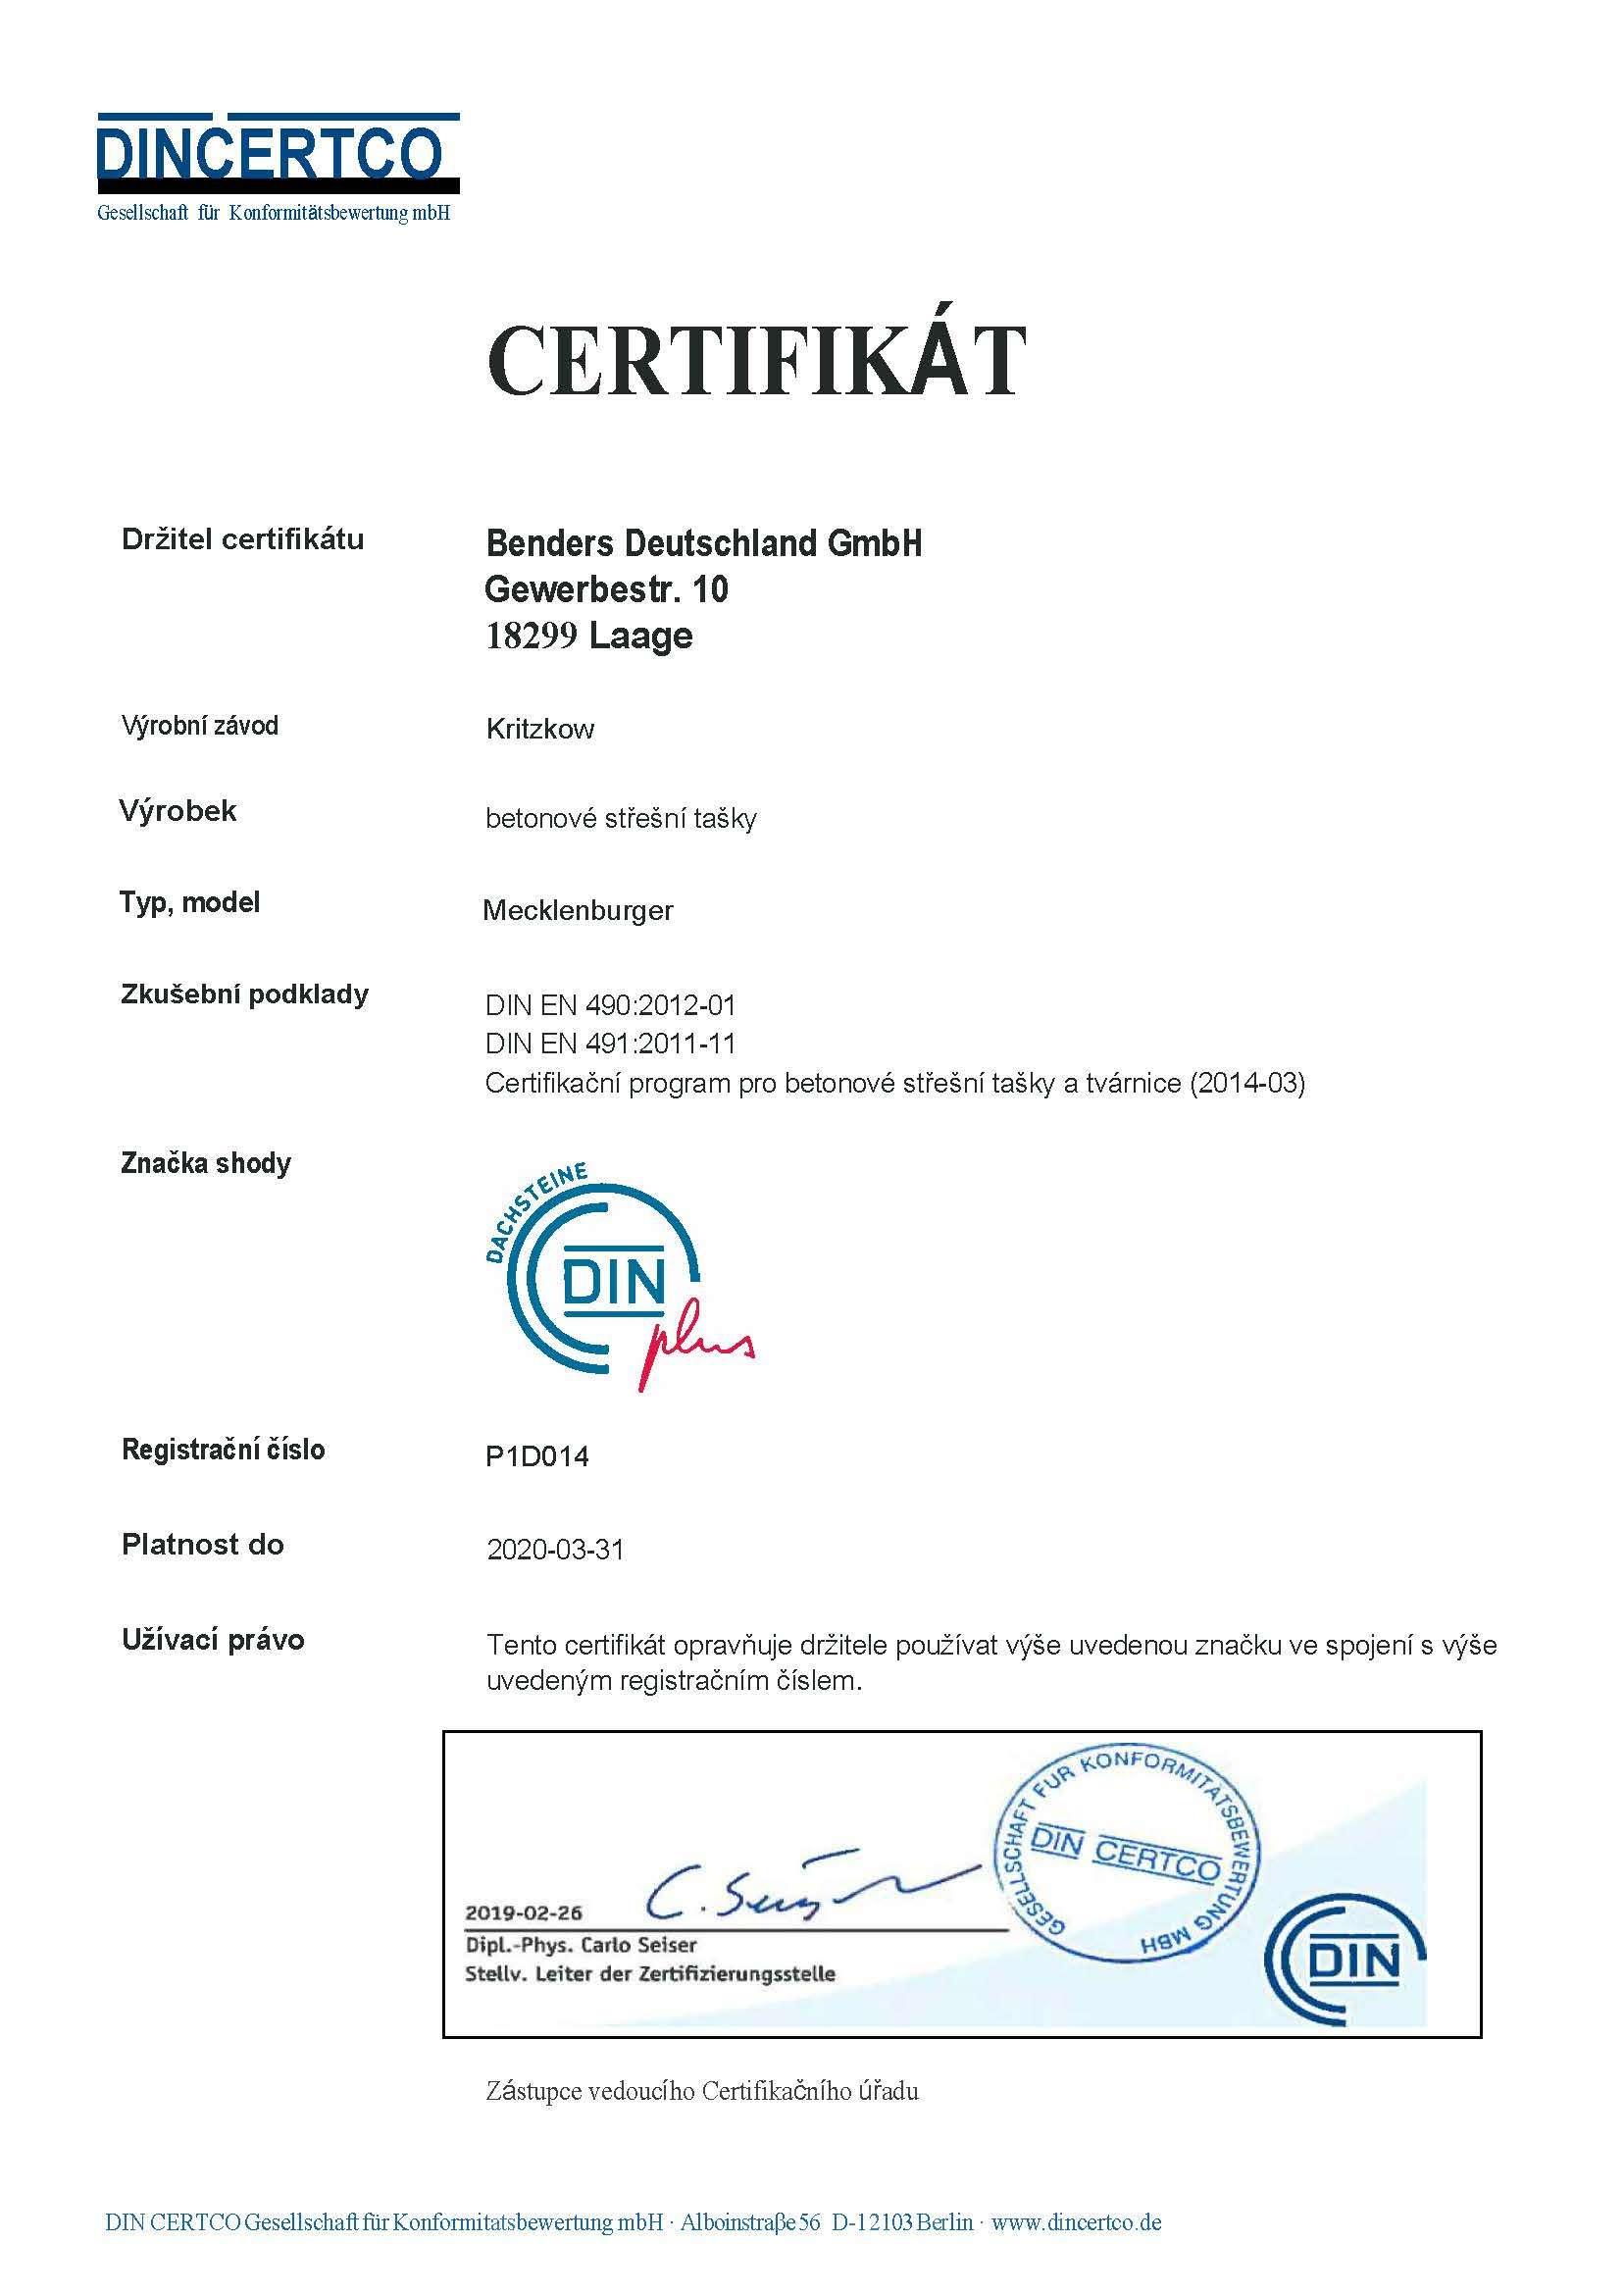 Din Certifikát - DIN -EN 4902012-01 -DIN EN 4912011-11- Mecklenburger -překlad